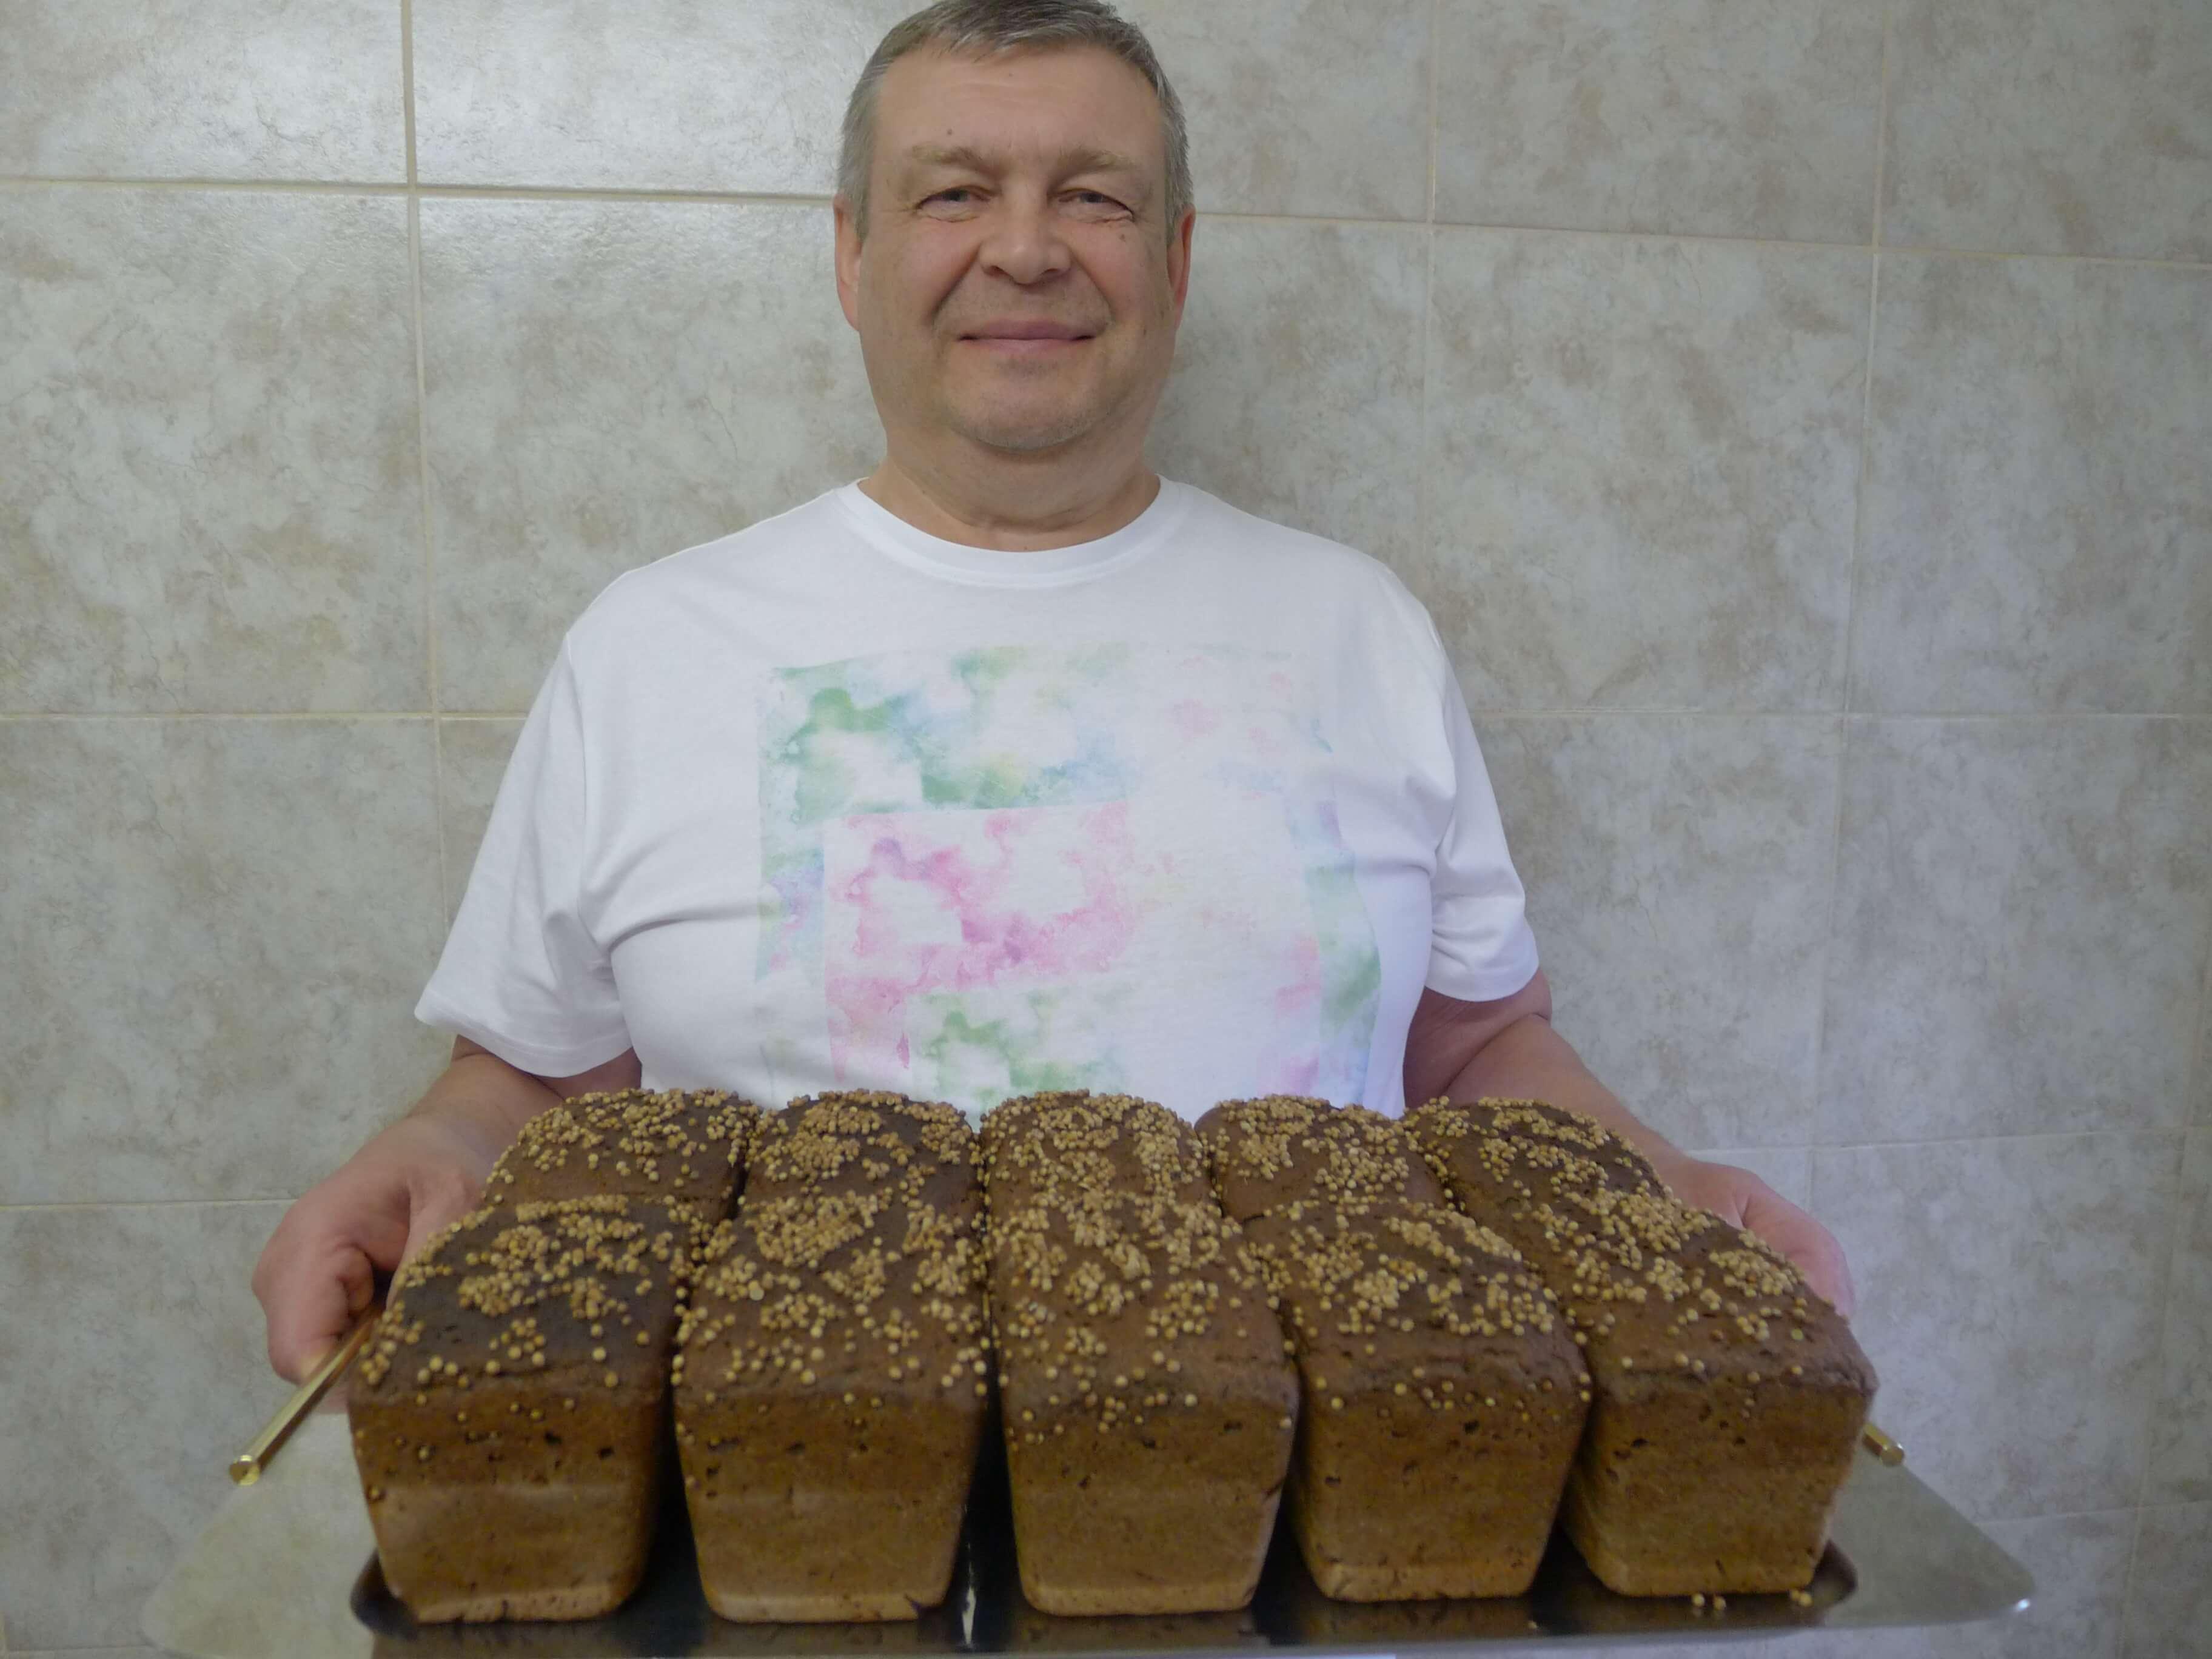 Владислав Буробин: о запуске биохлеба, амбициях и жизни с чистого листа - Пражский Телеграф